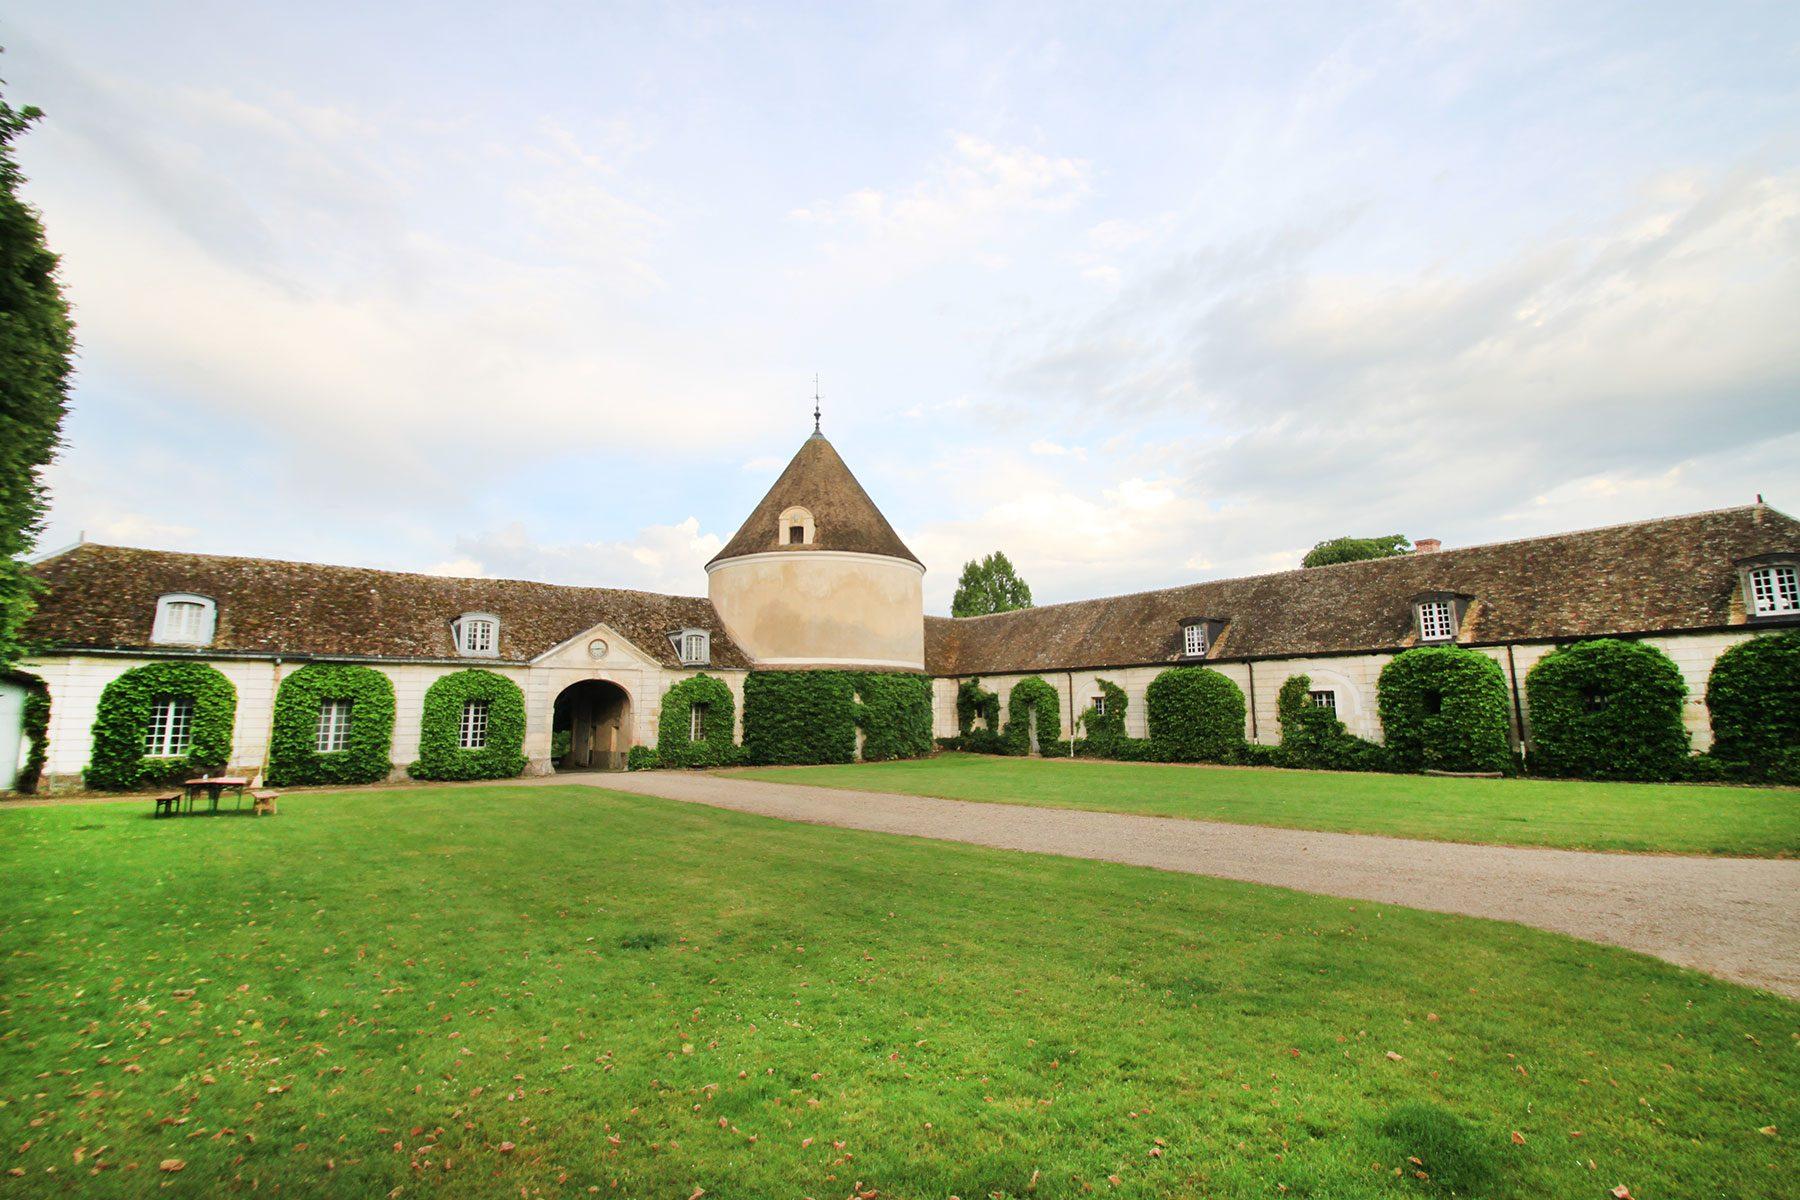 フランスで日本の庭づくり講習会の会場および宿泊施設となった、パリ郊外のミレモン城。